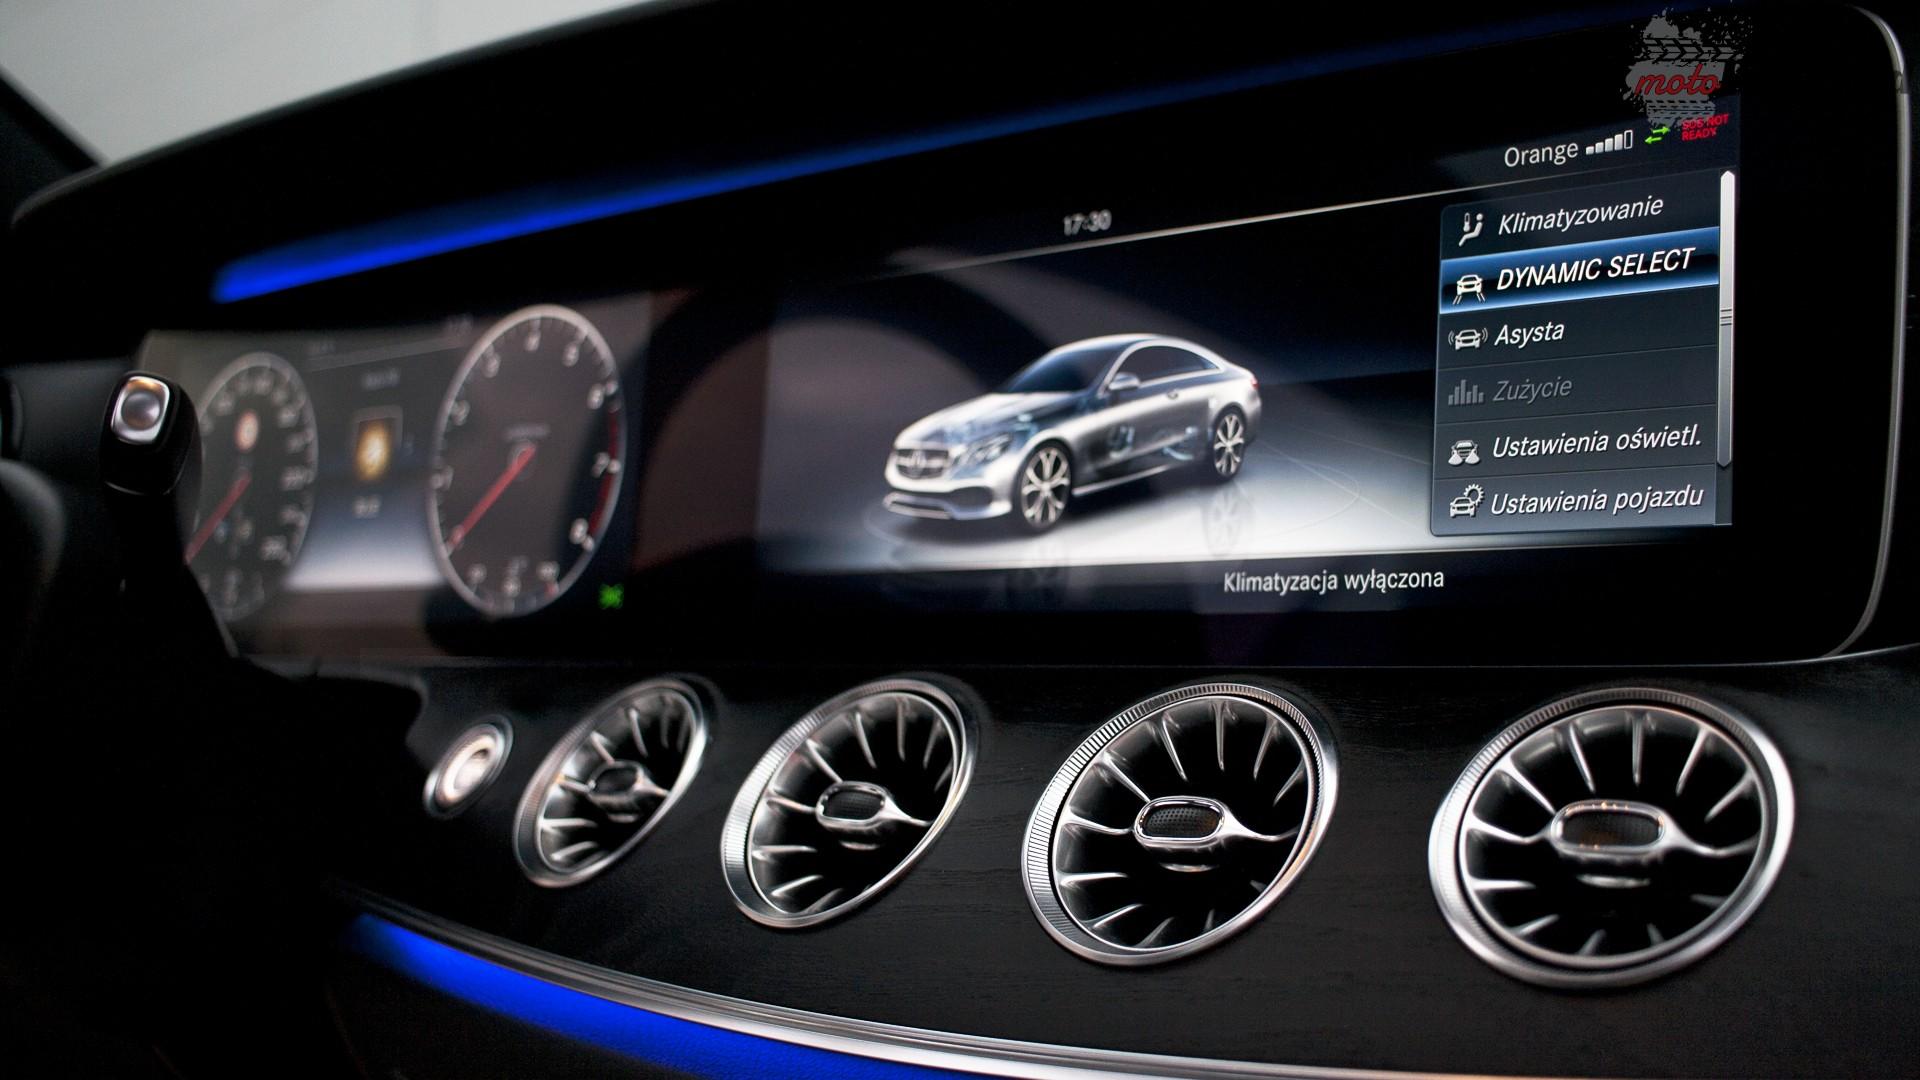 10 Test: Mercedes E 400 Coupe 4Matic – Poświęcenie